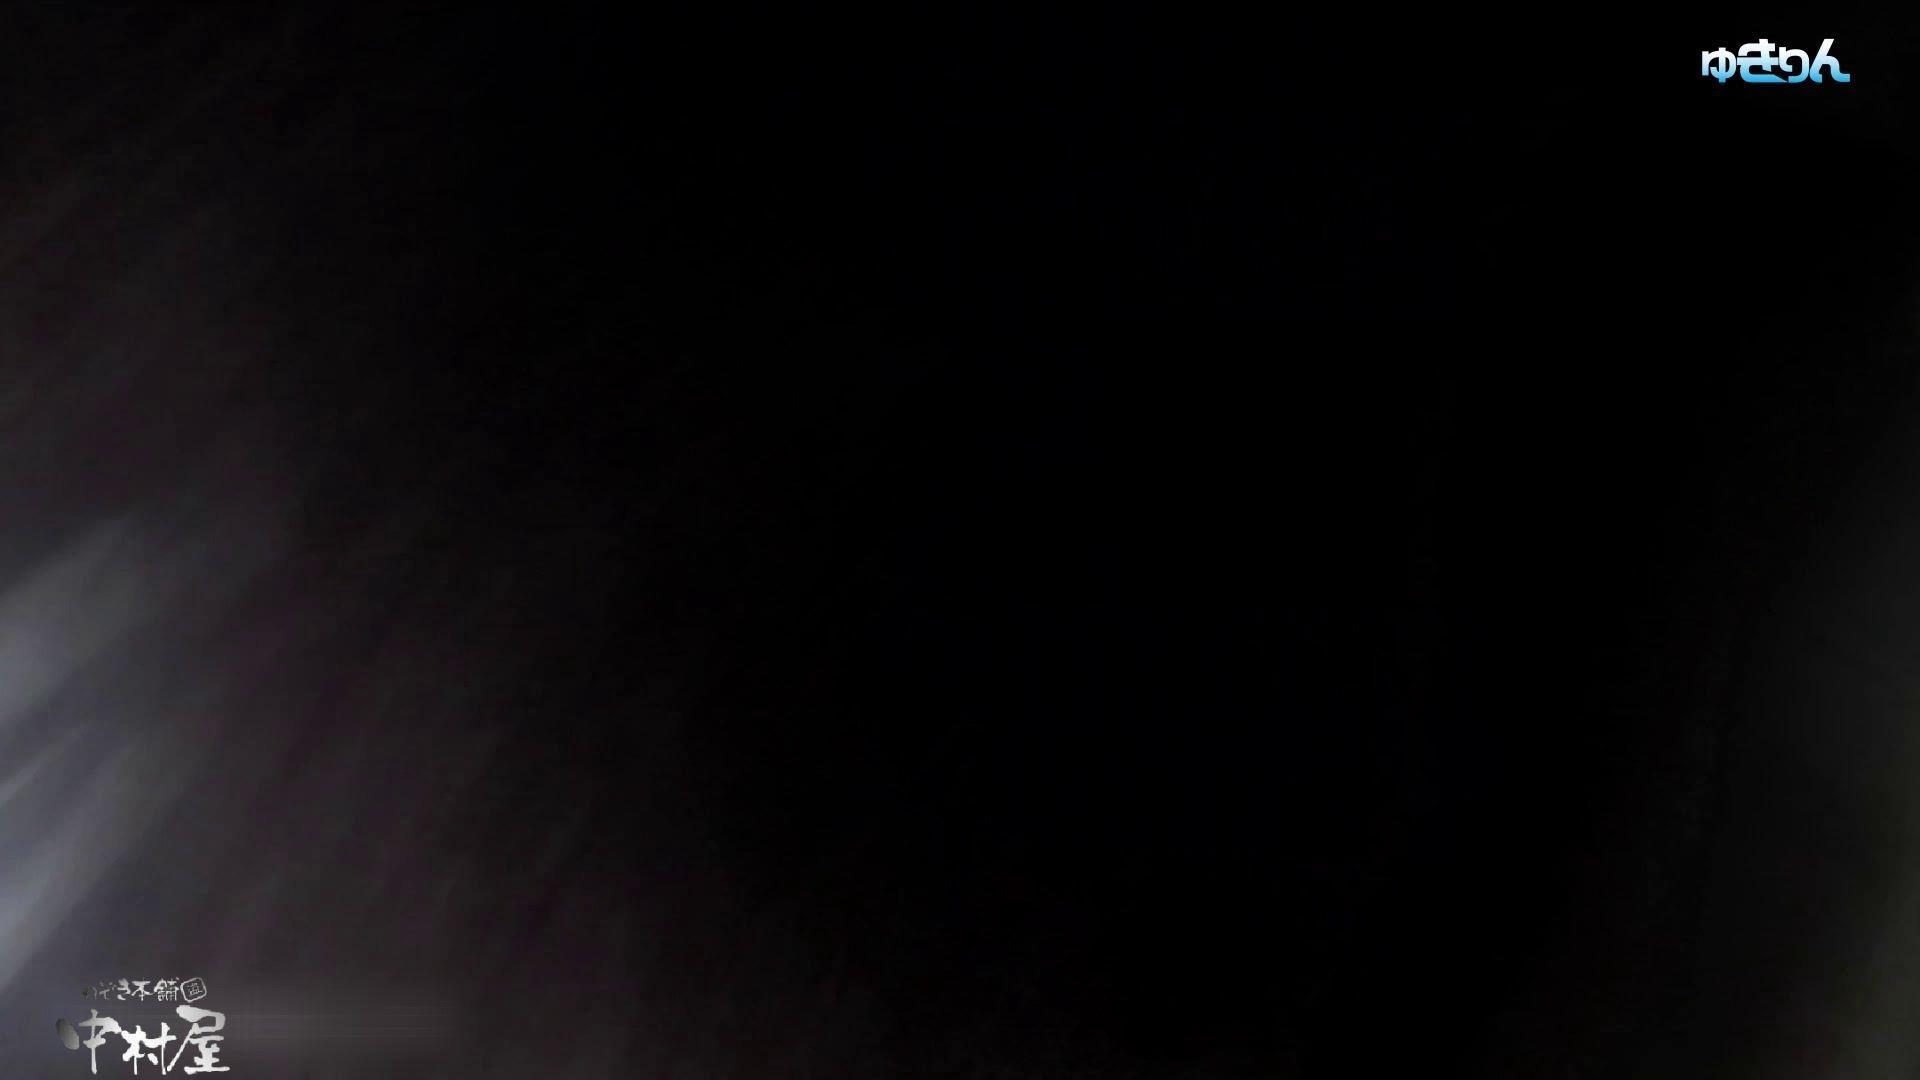 世界の射窓から~ステーション編 vol60 ユキリン粘着撮り!!今回はタイトなパンツが似合う美女 美女まとめ  113PIX 108